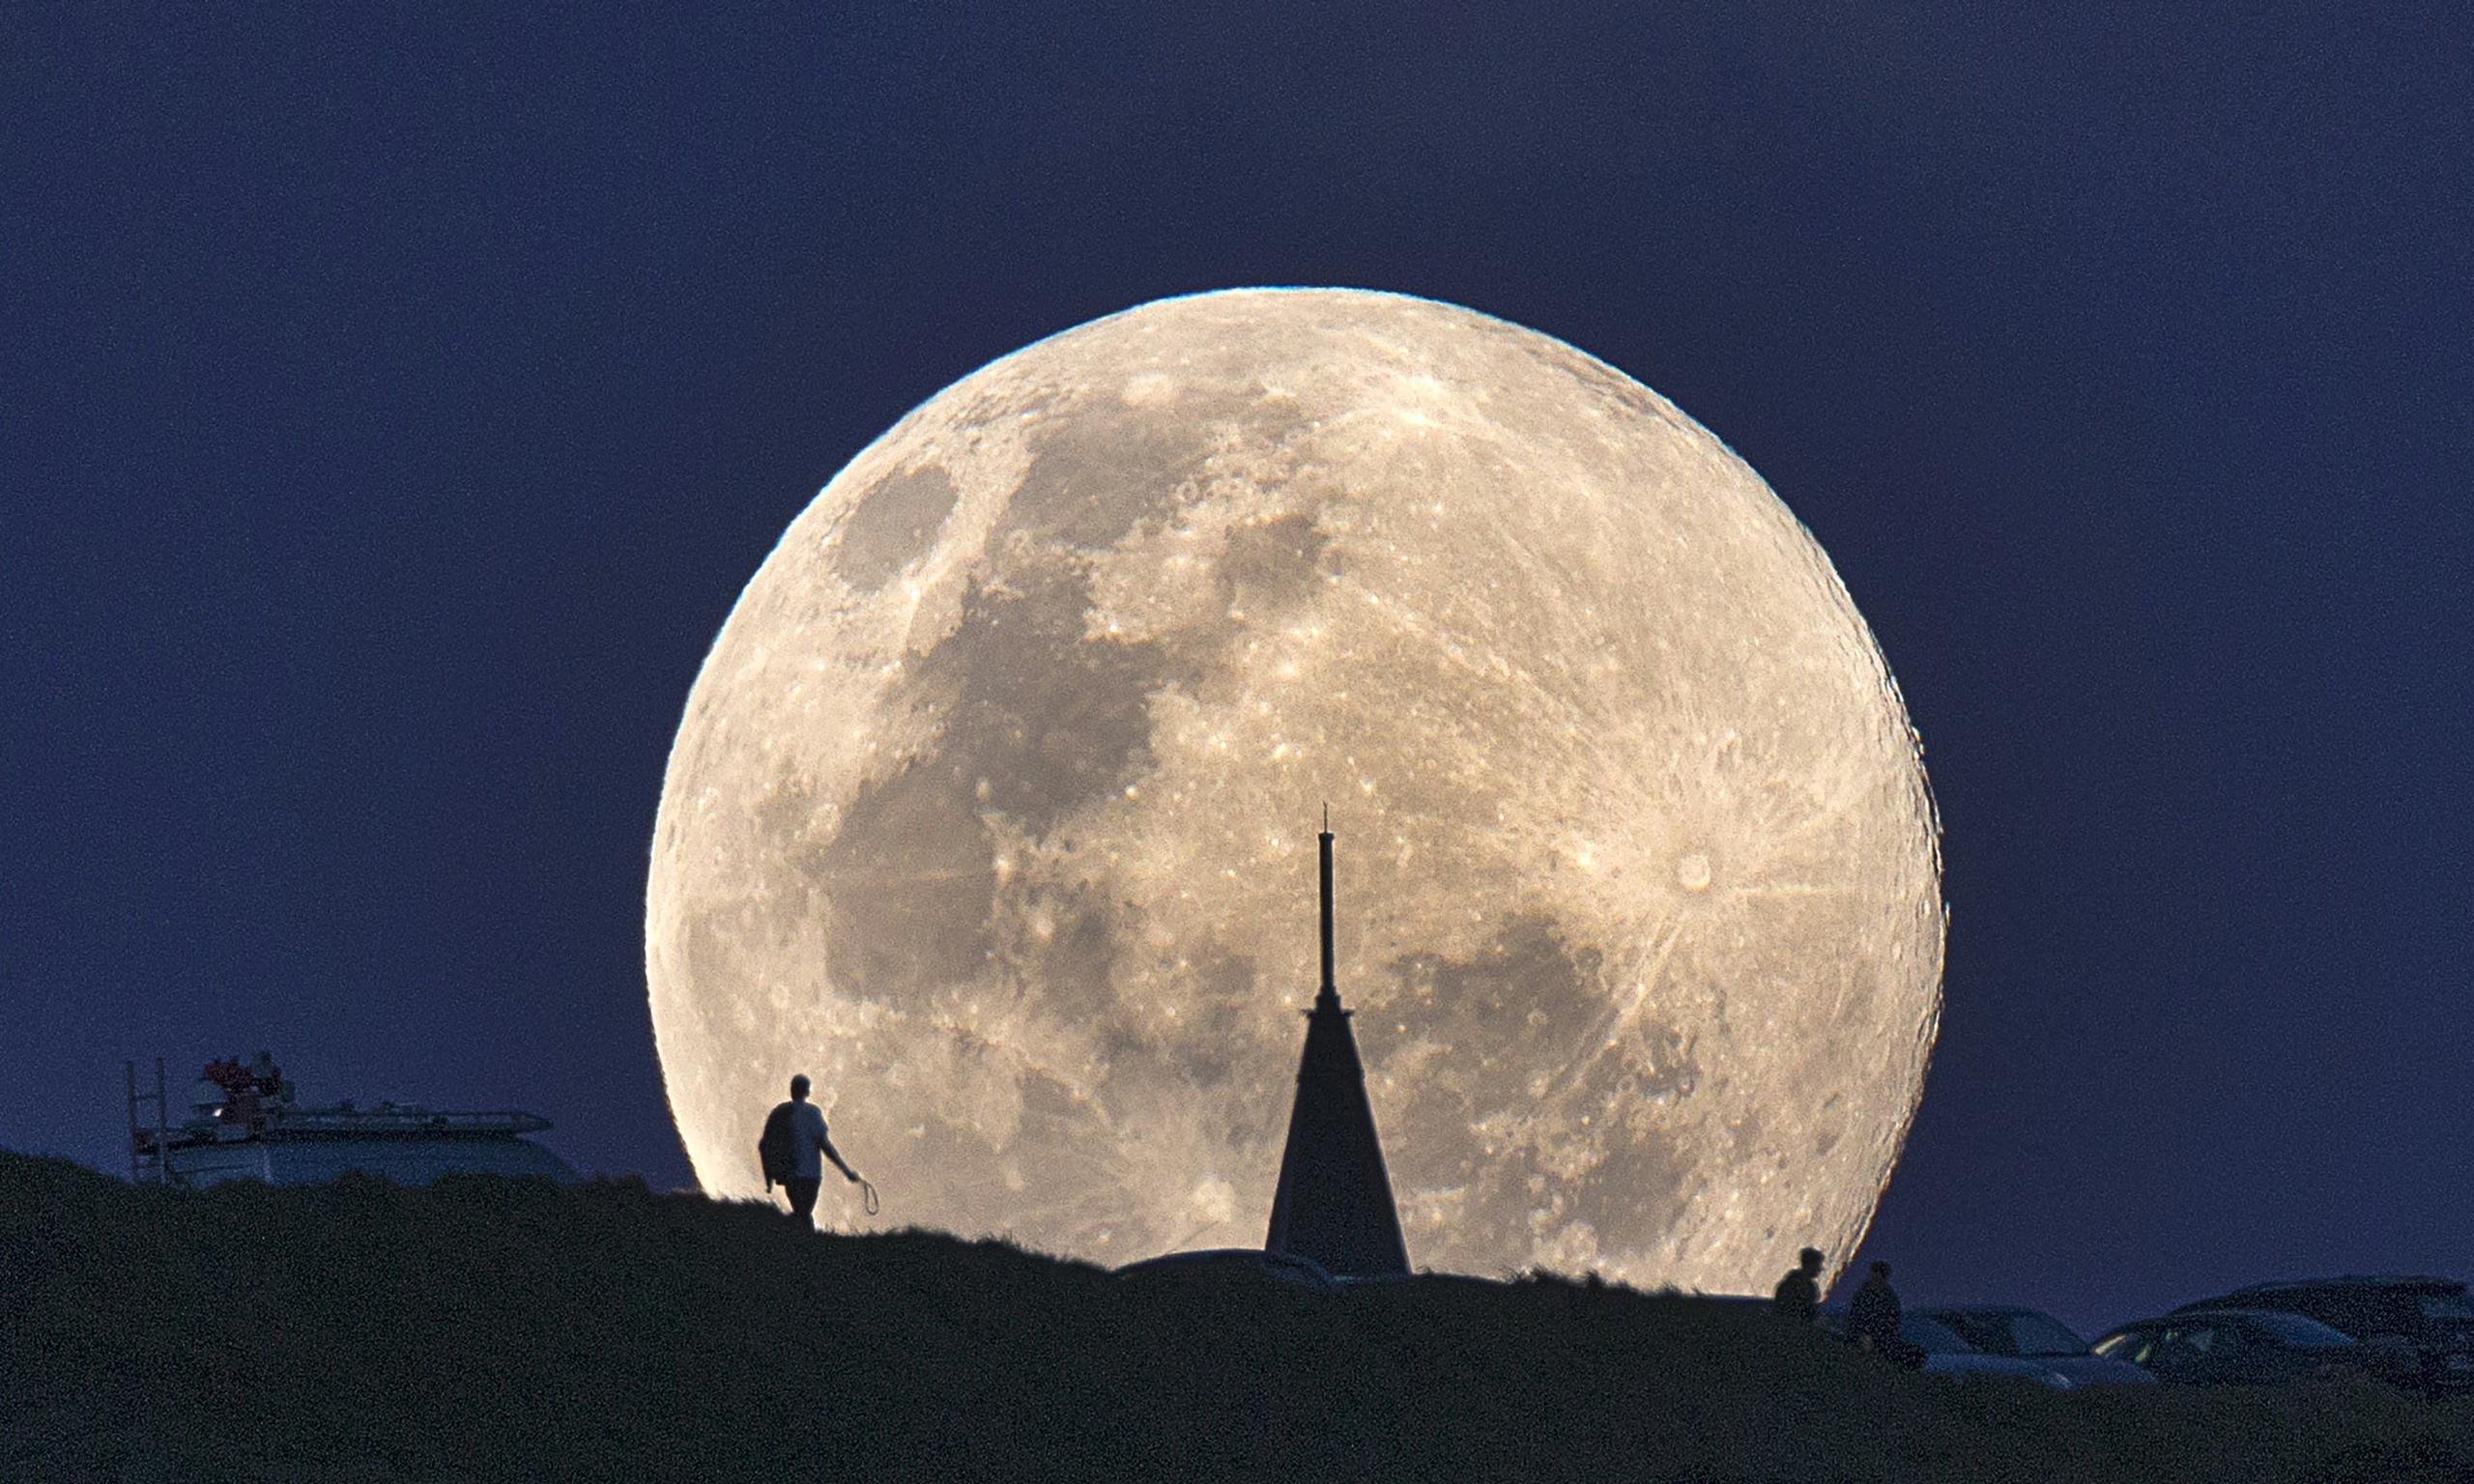 сложенном фото гигантской луны будут приведены признаки